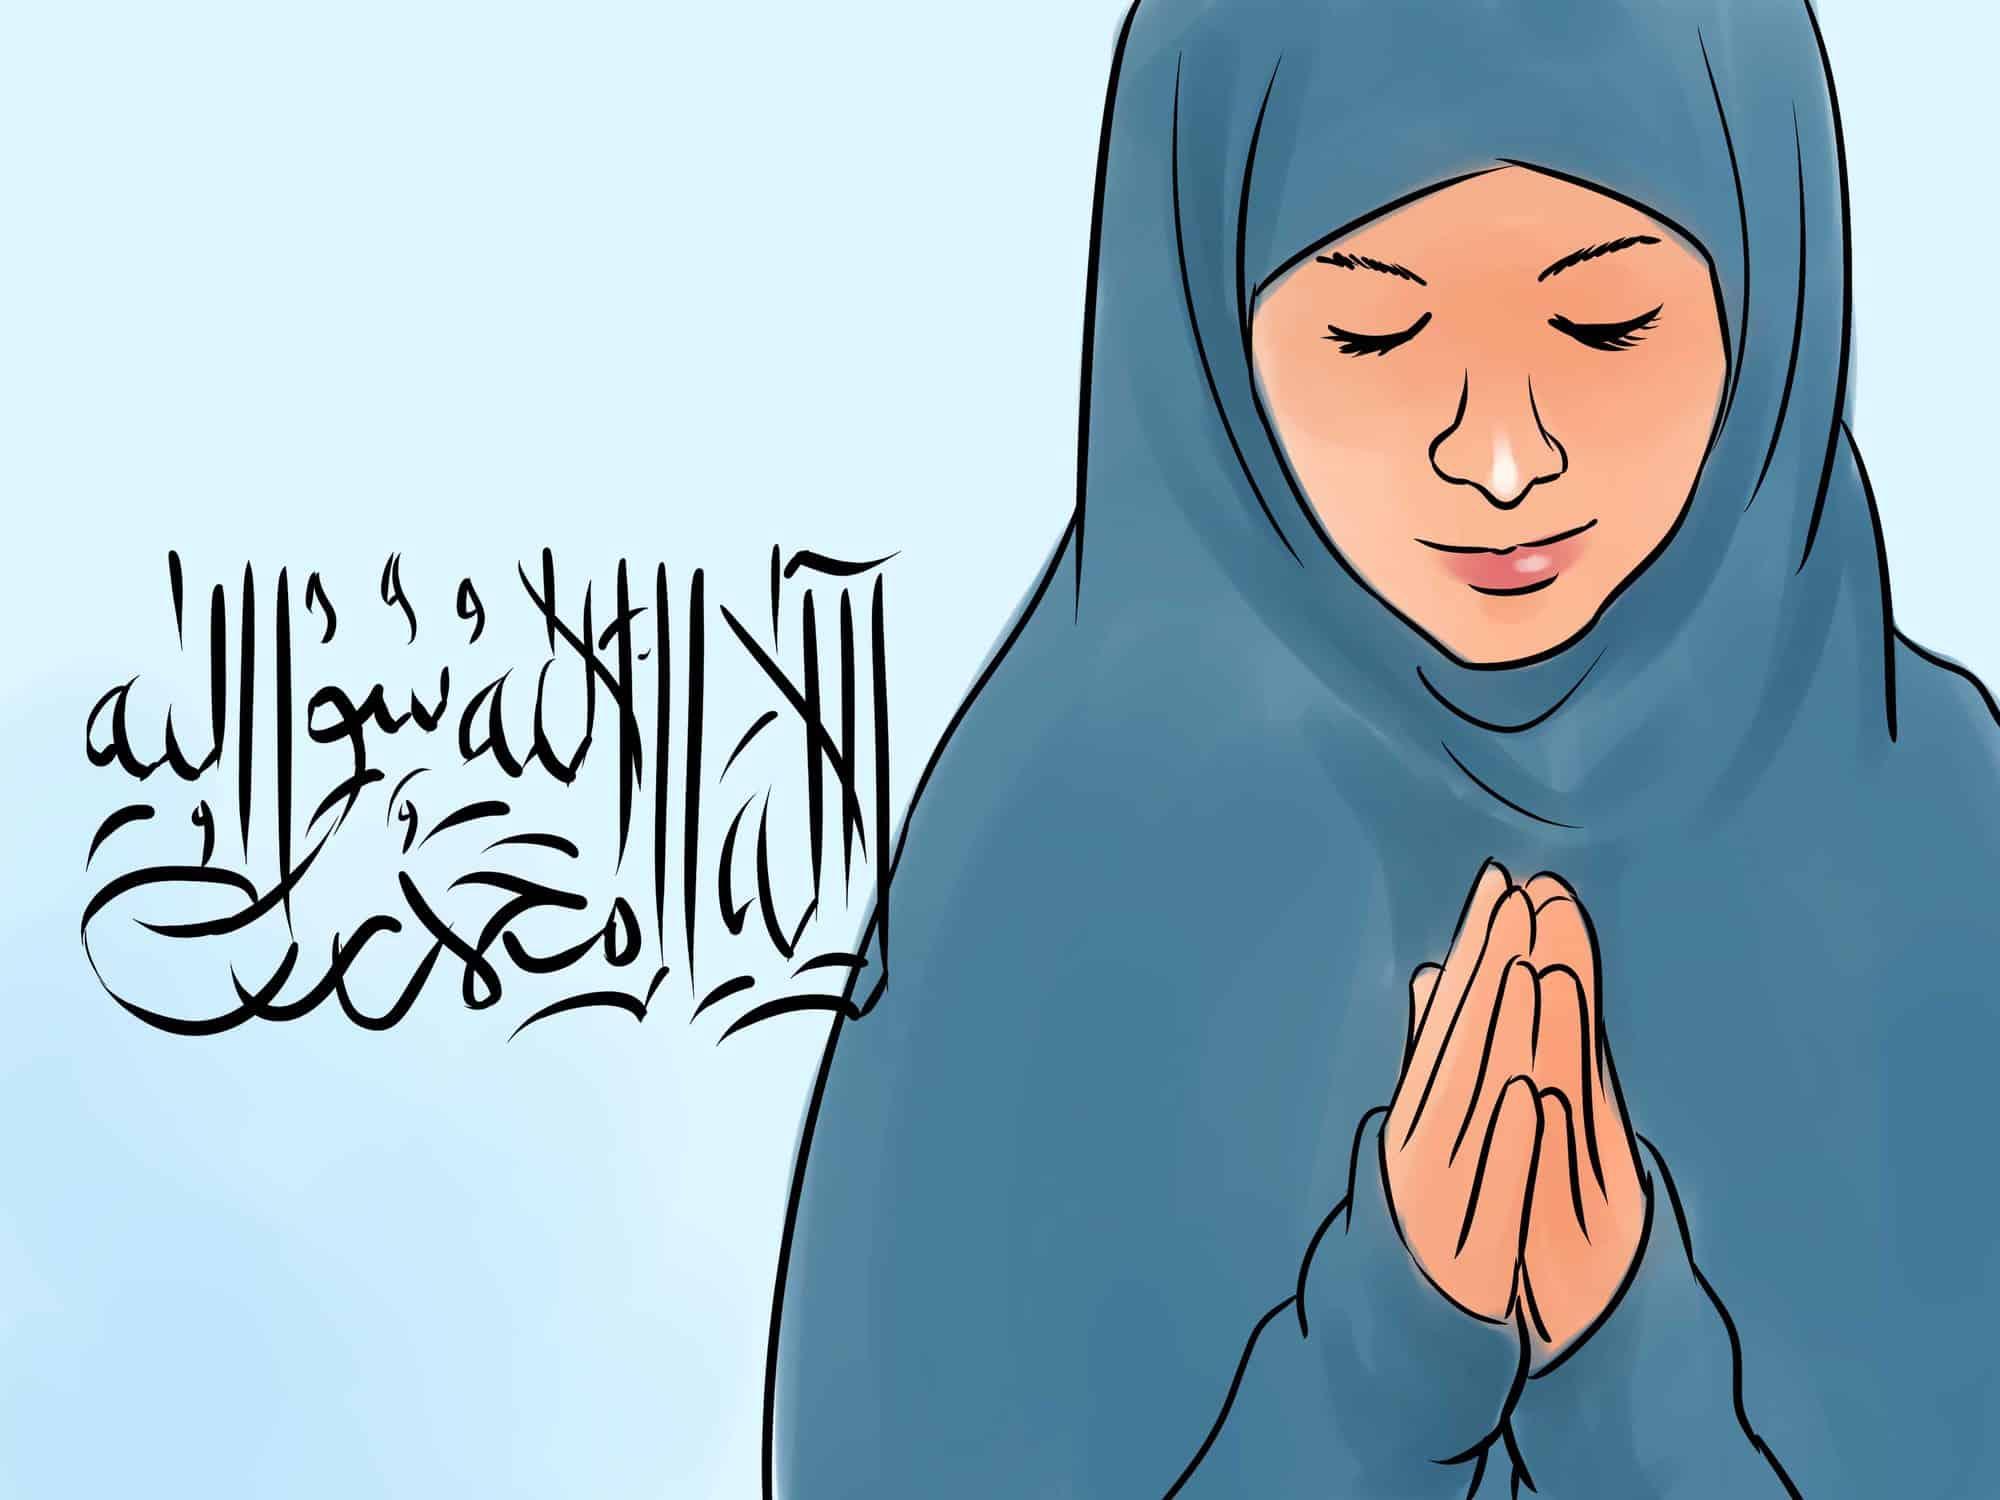 صورة تفسير حلم الصلاة للمتزوجة , حلمت اني اصلى واني متززوجة ماذا يعني هذا